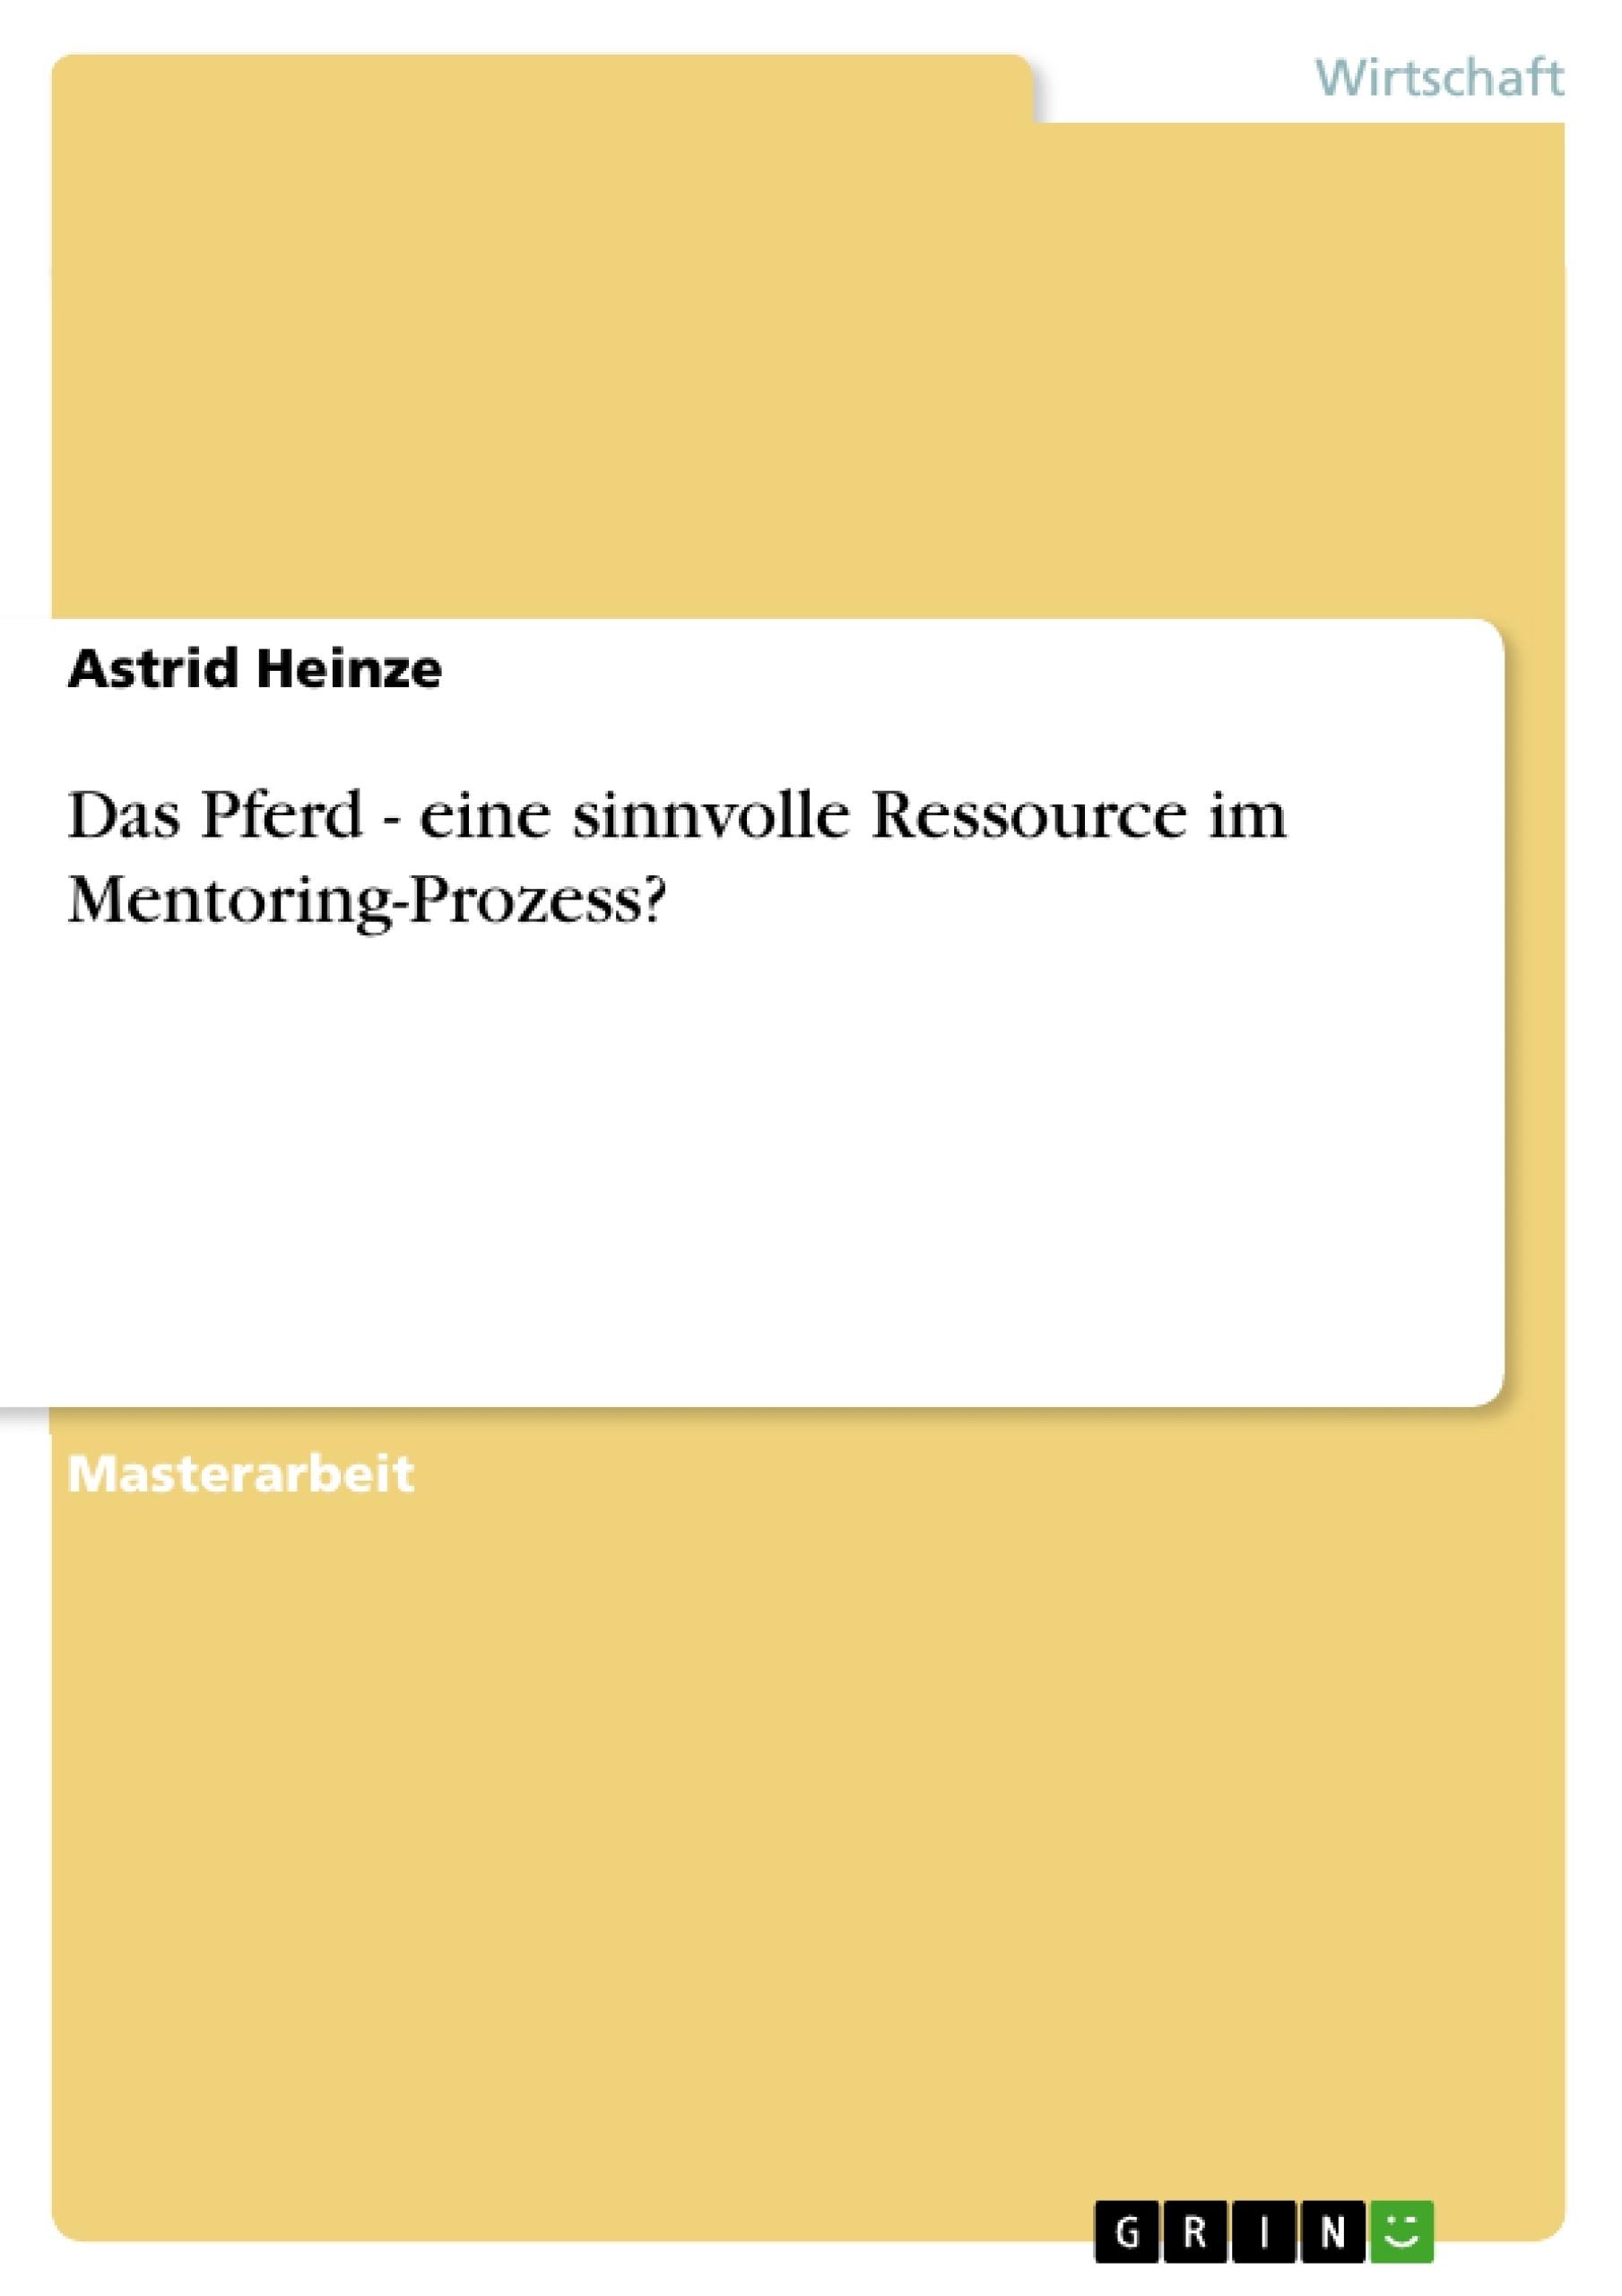 Titel: Das Pferd - eine sinnvolle Ressource im Mentoring-Prozess?